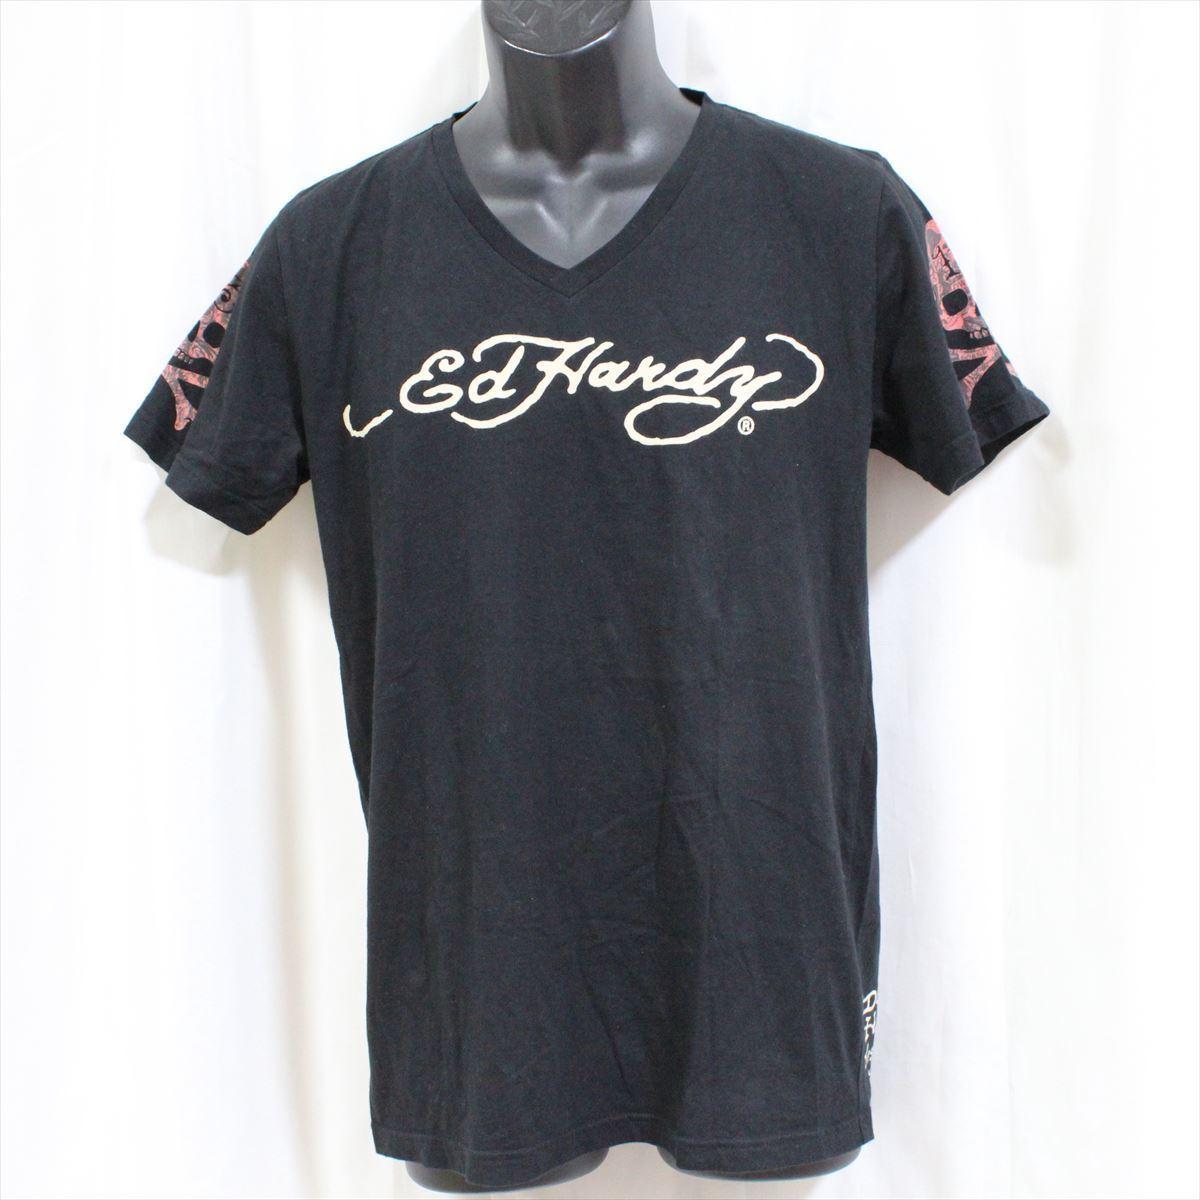 エドハーディー ED HARDY メンズ半袖Tシャツ ブラック Mサイズ 新品 黒 Vネック M02BMV554_画像1